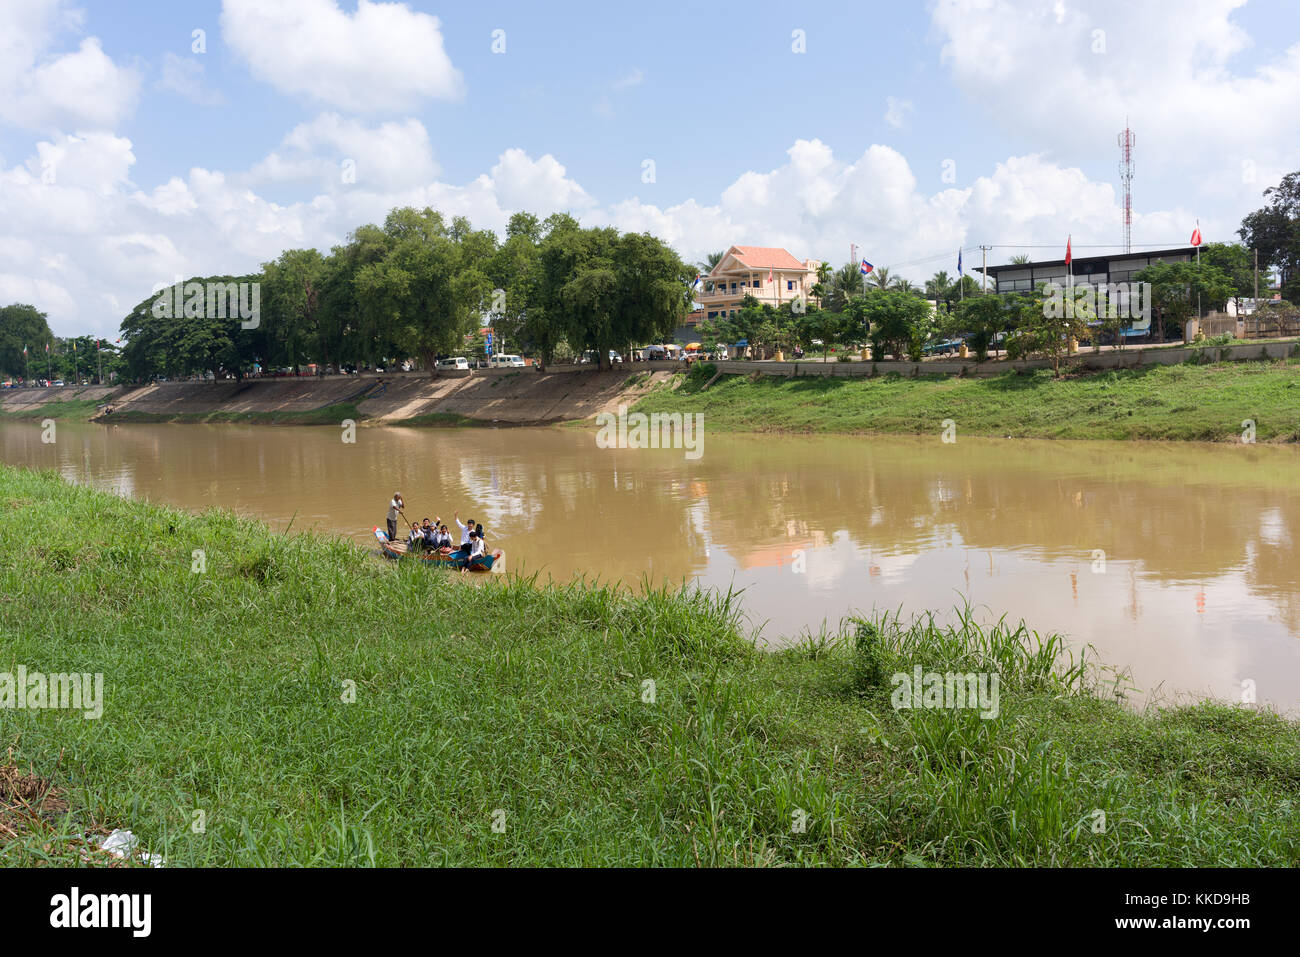 La rivière stung sangke dans la ville de Battambang Photo Stock